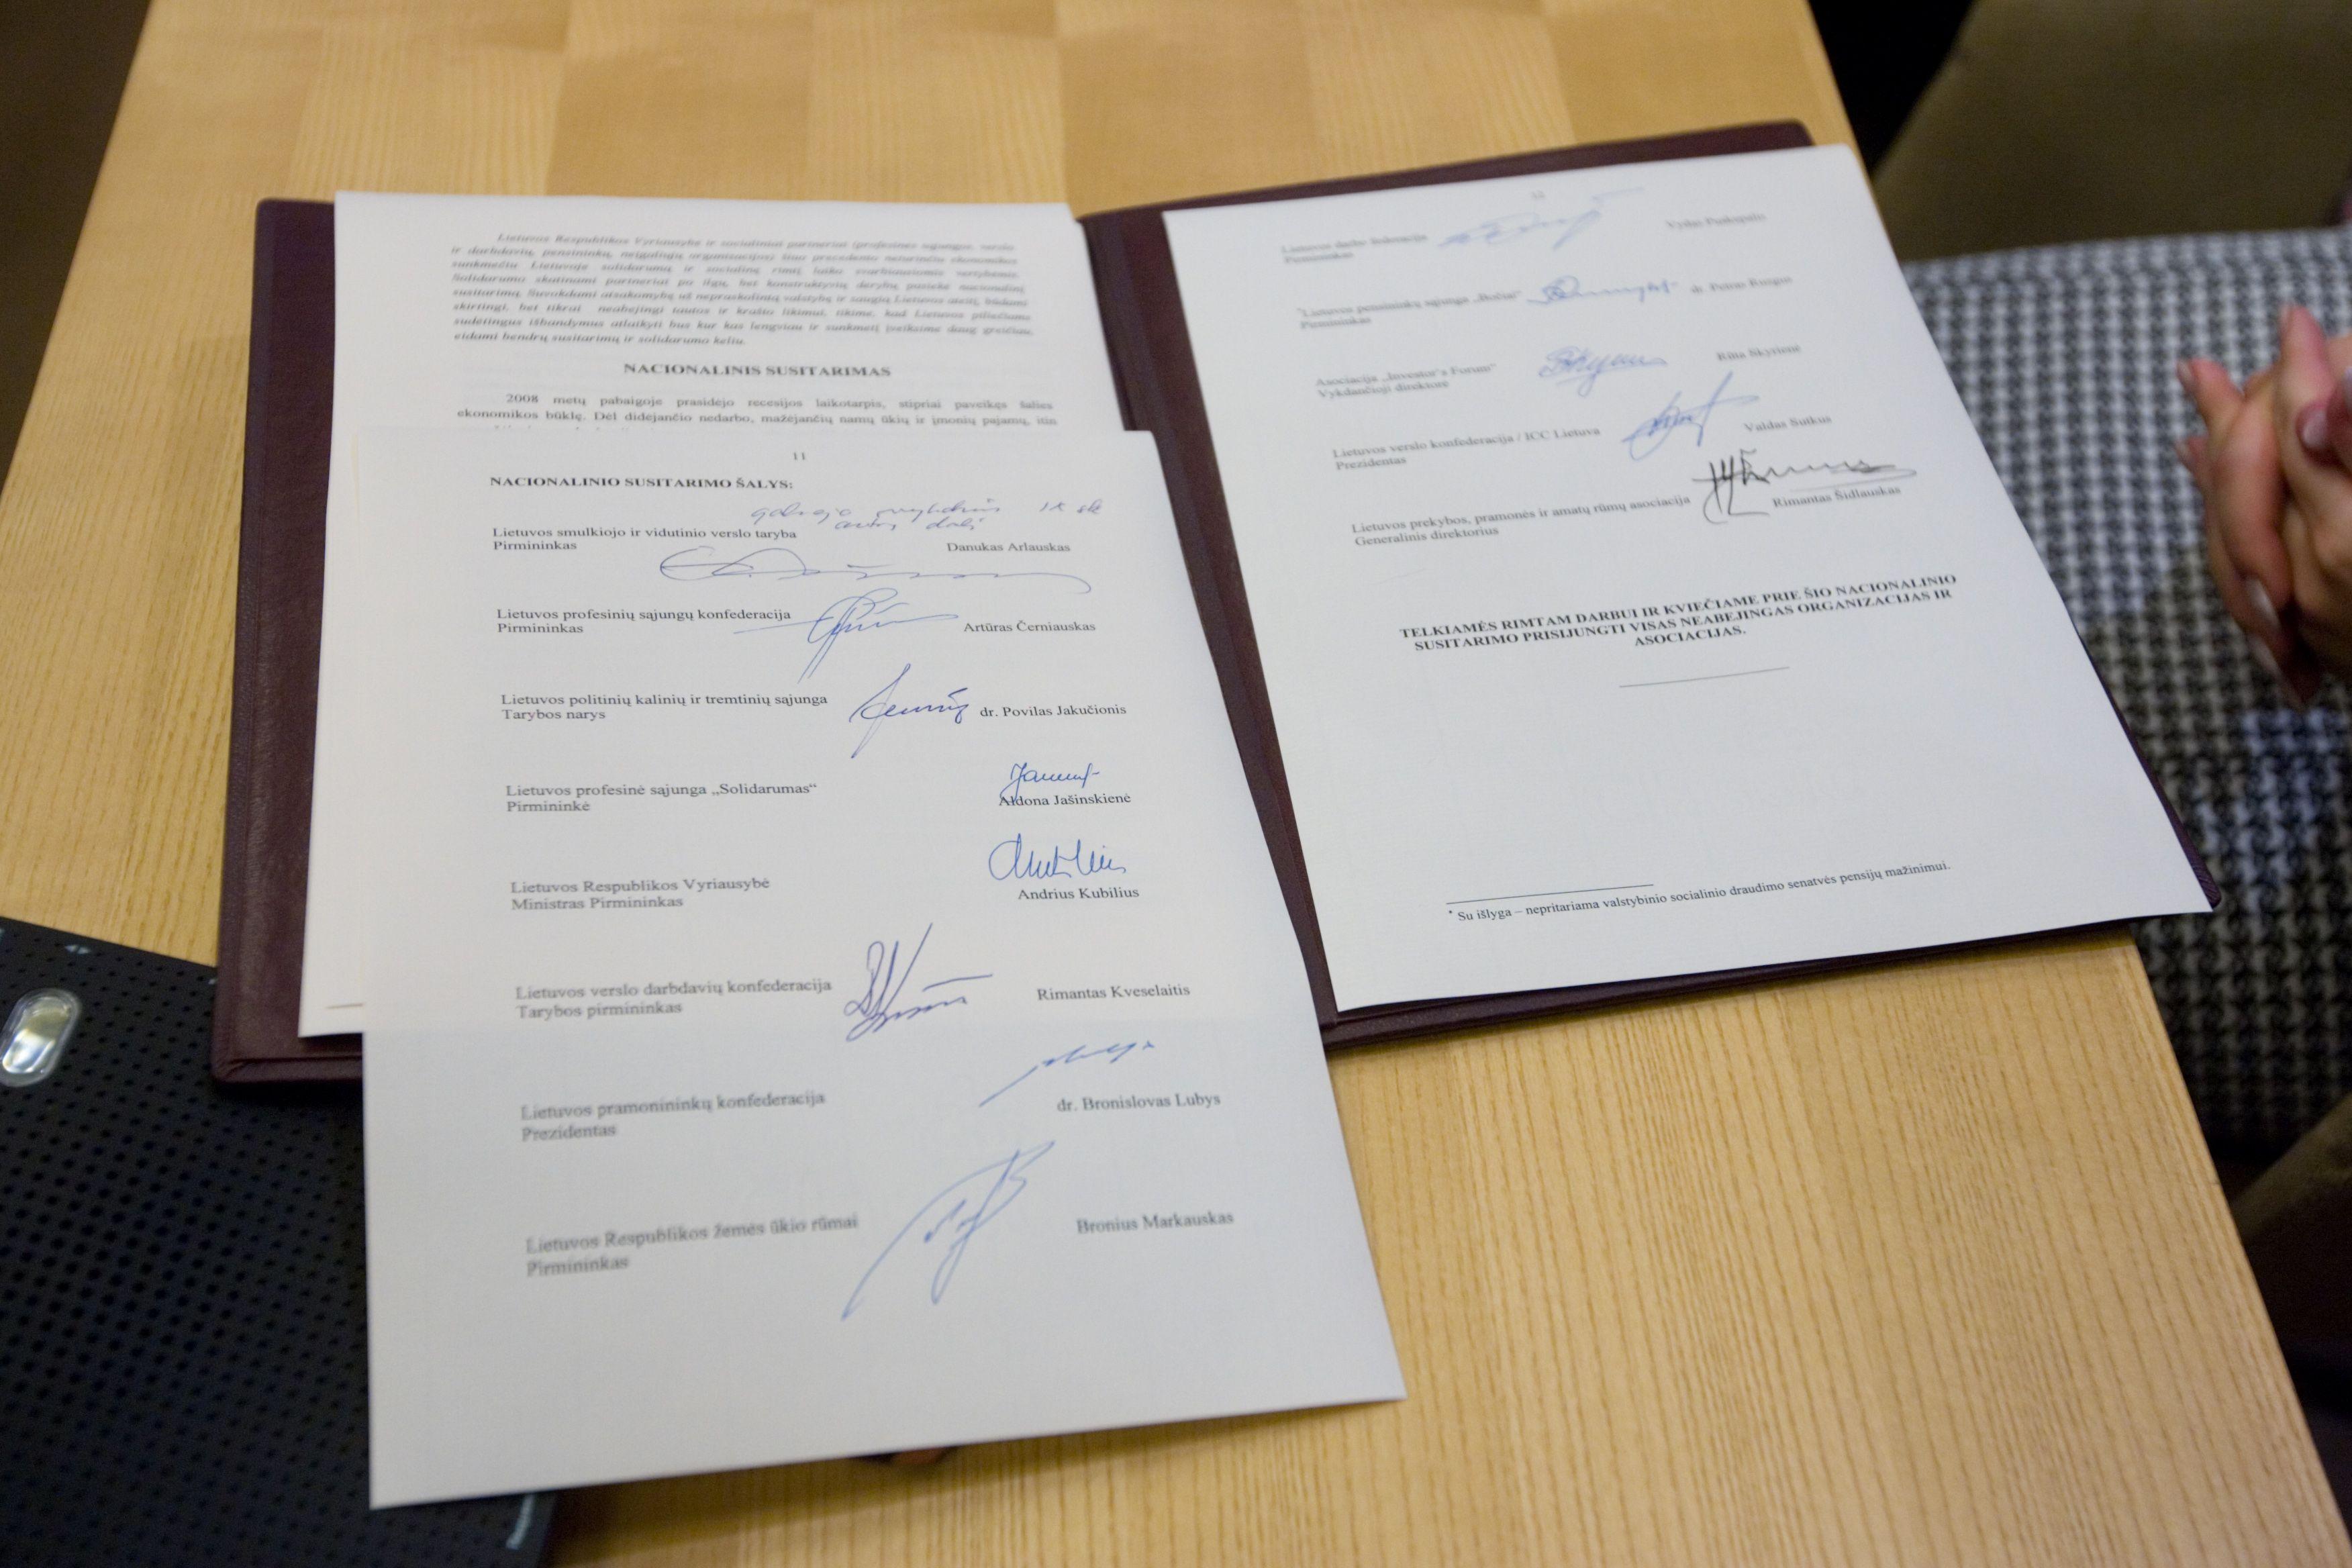 Iki vasario subręs naujas Nacionalinis susitarimas